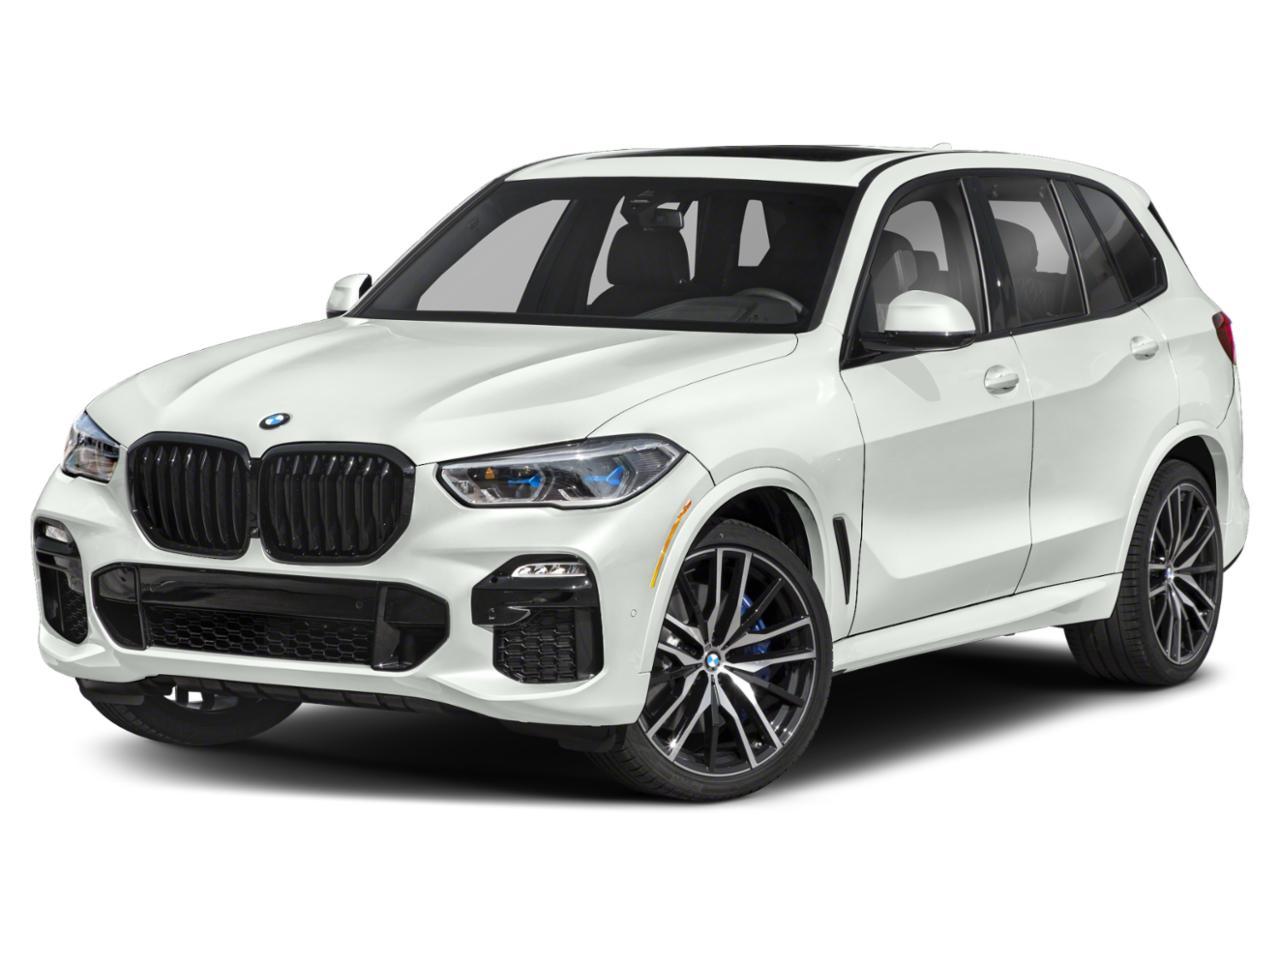 BMW X5 M кроссовер